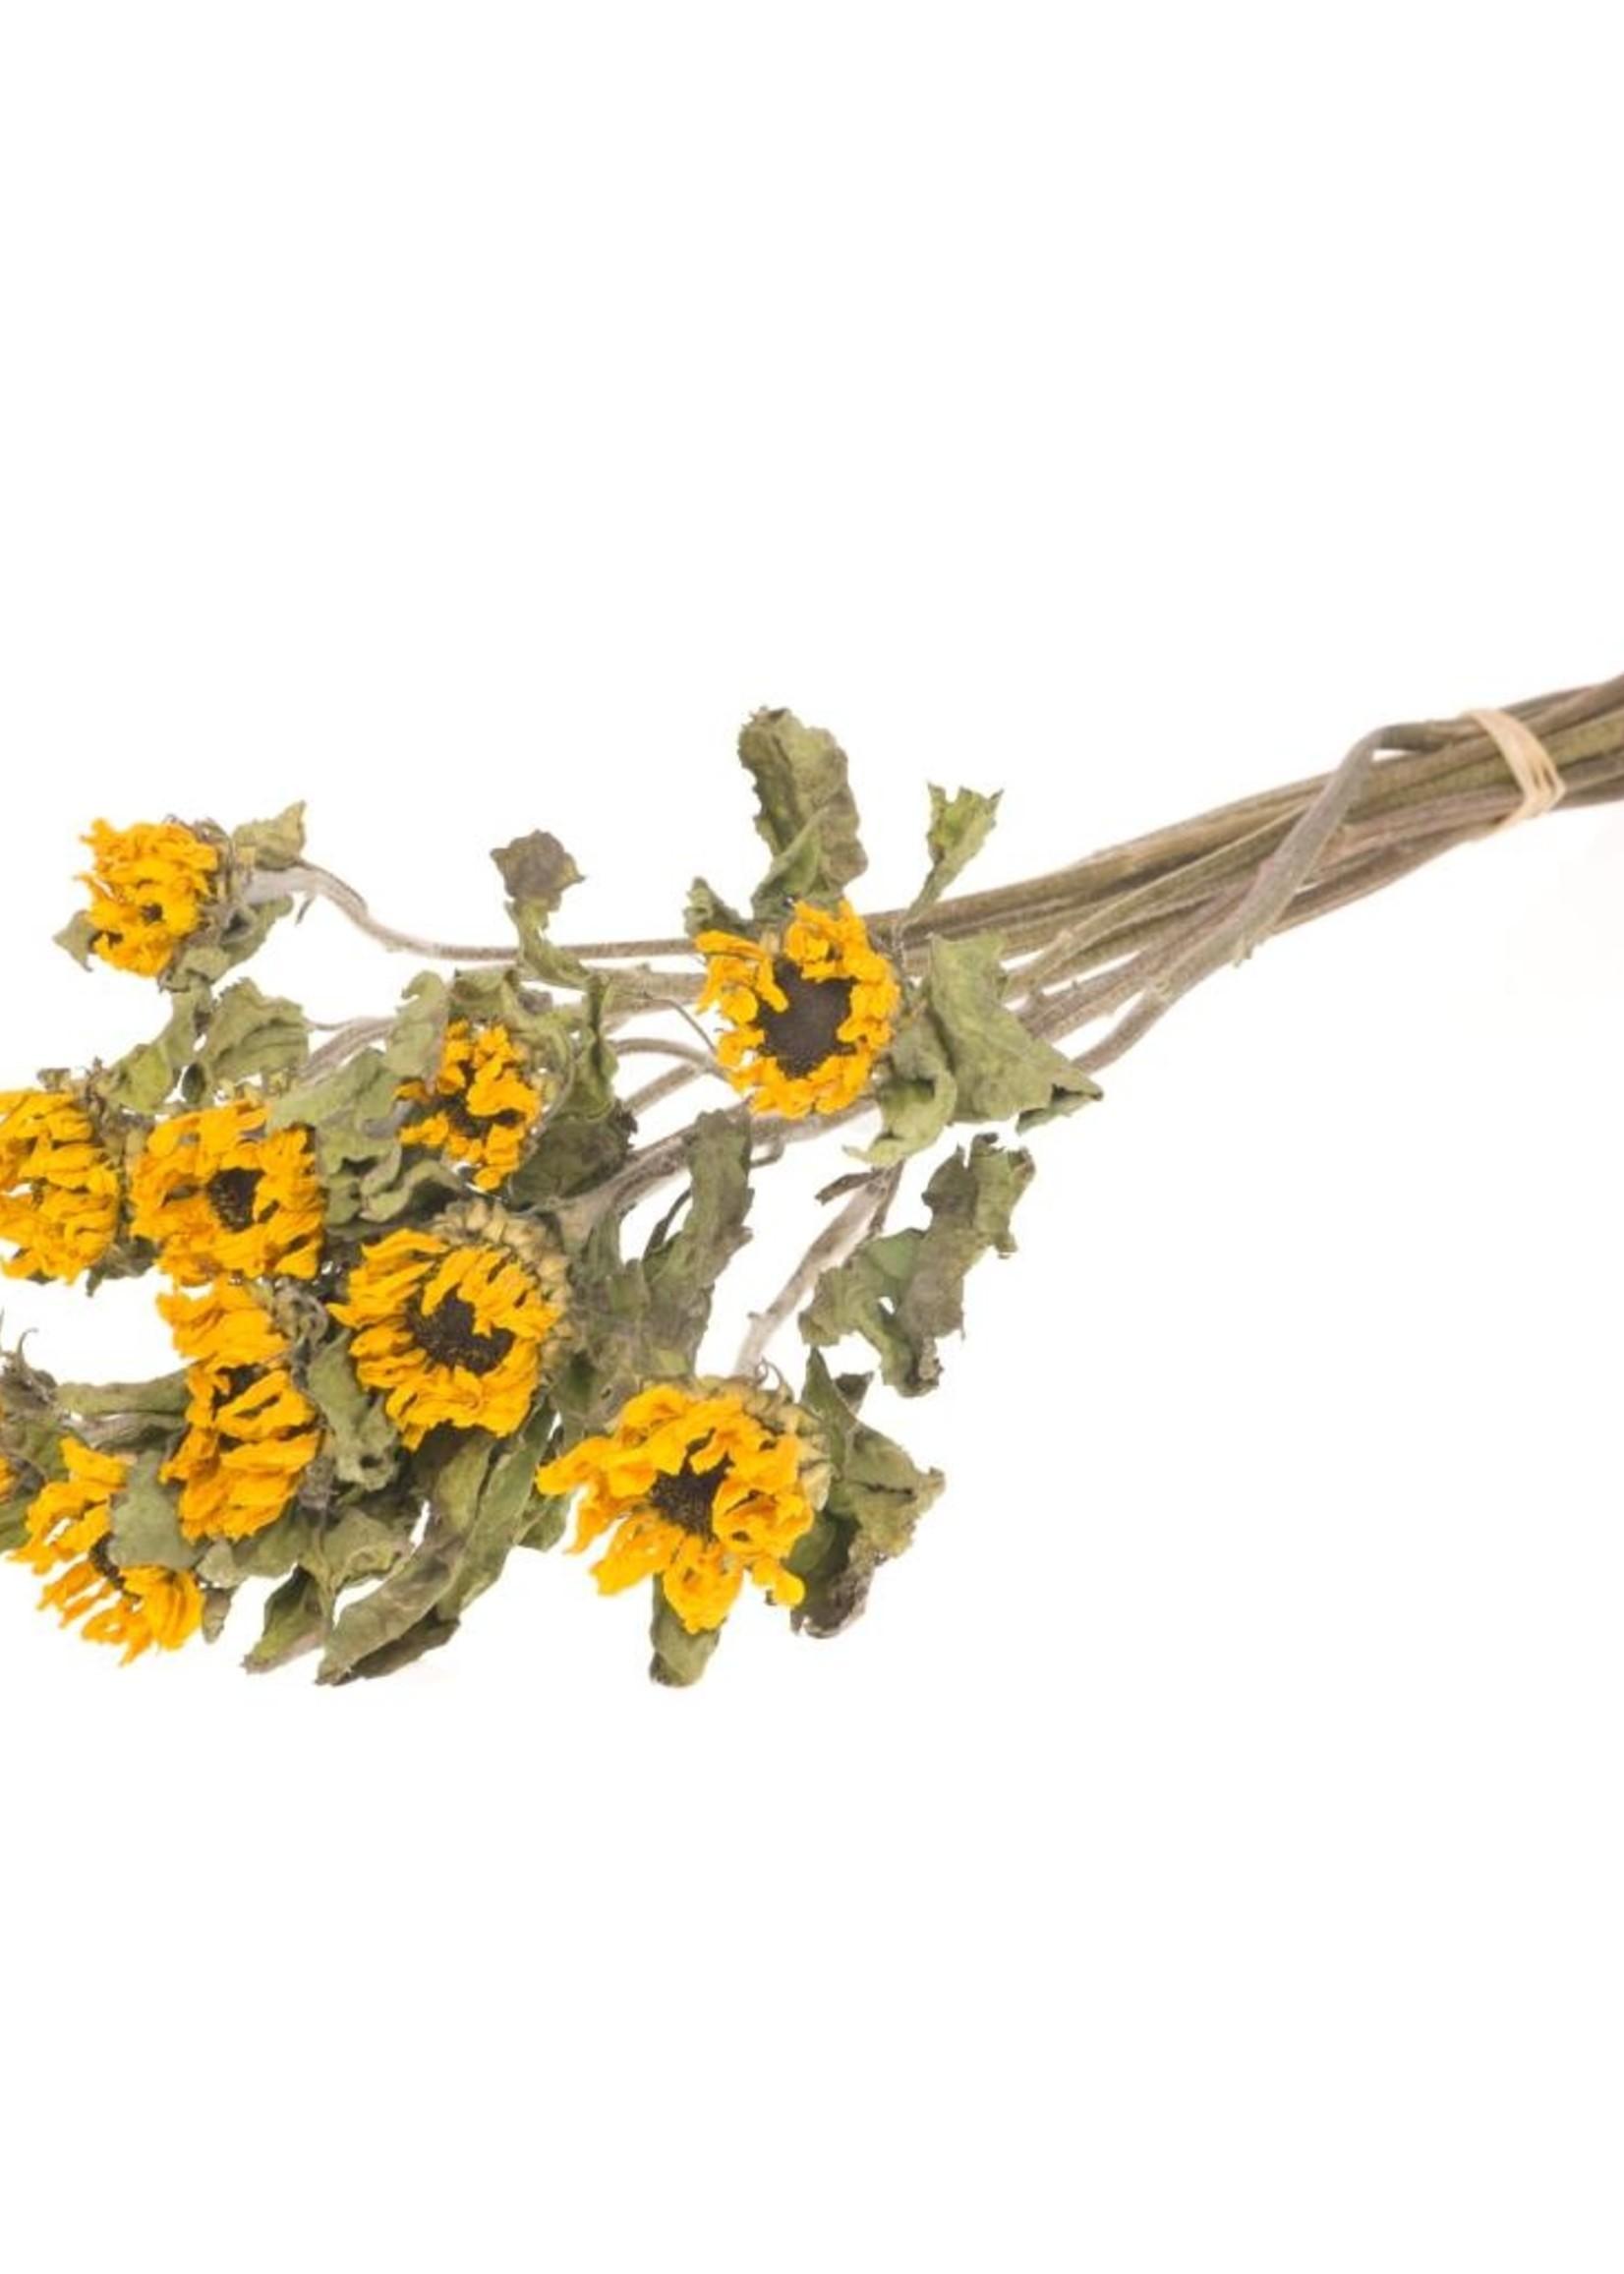 10 gedroogde zonnebloemen - 60 centimeter lang